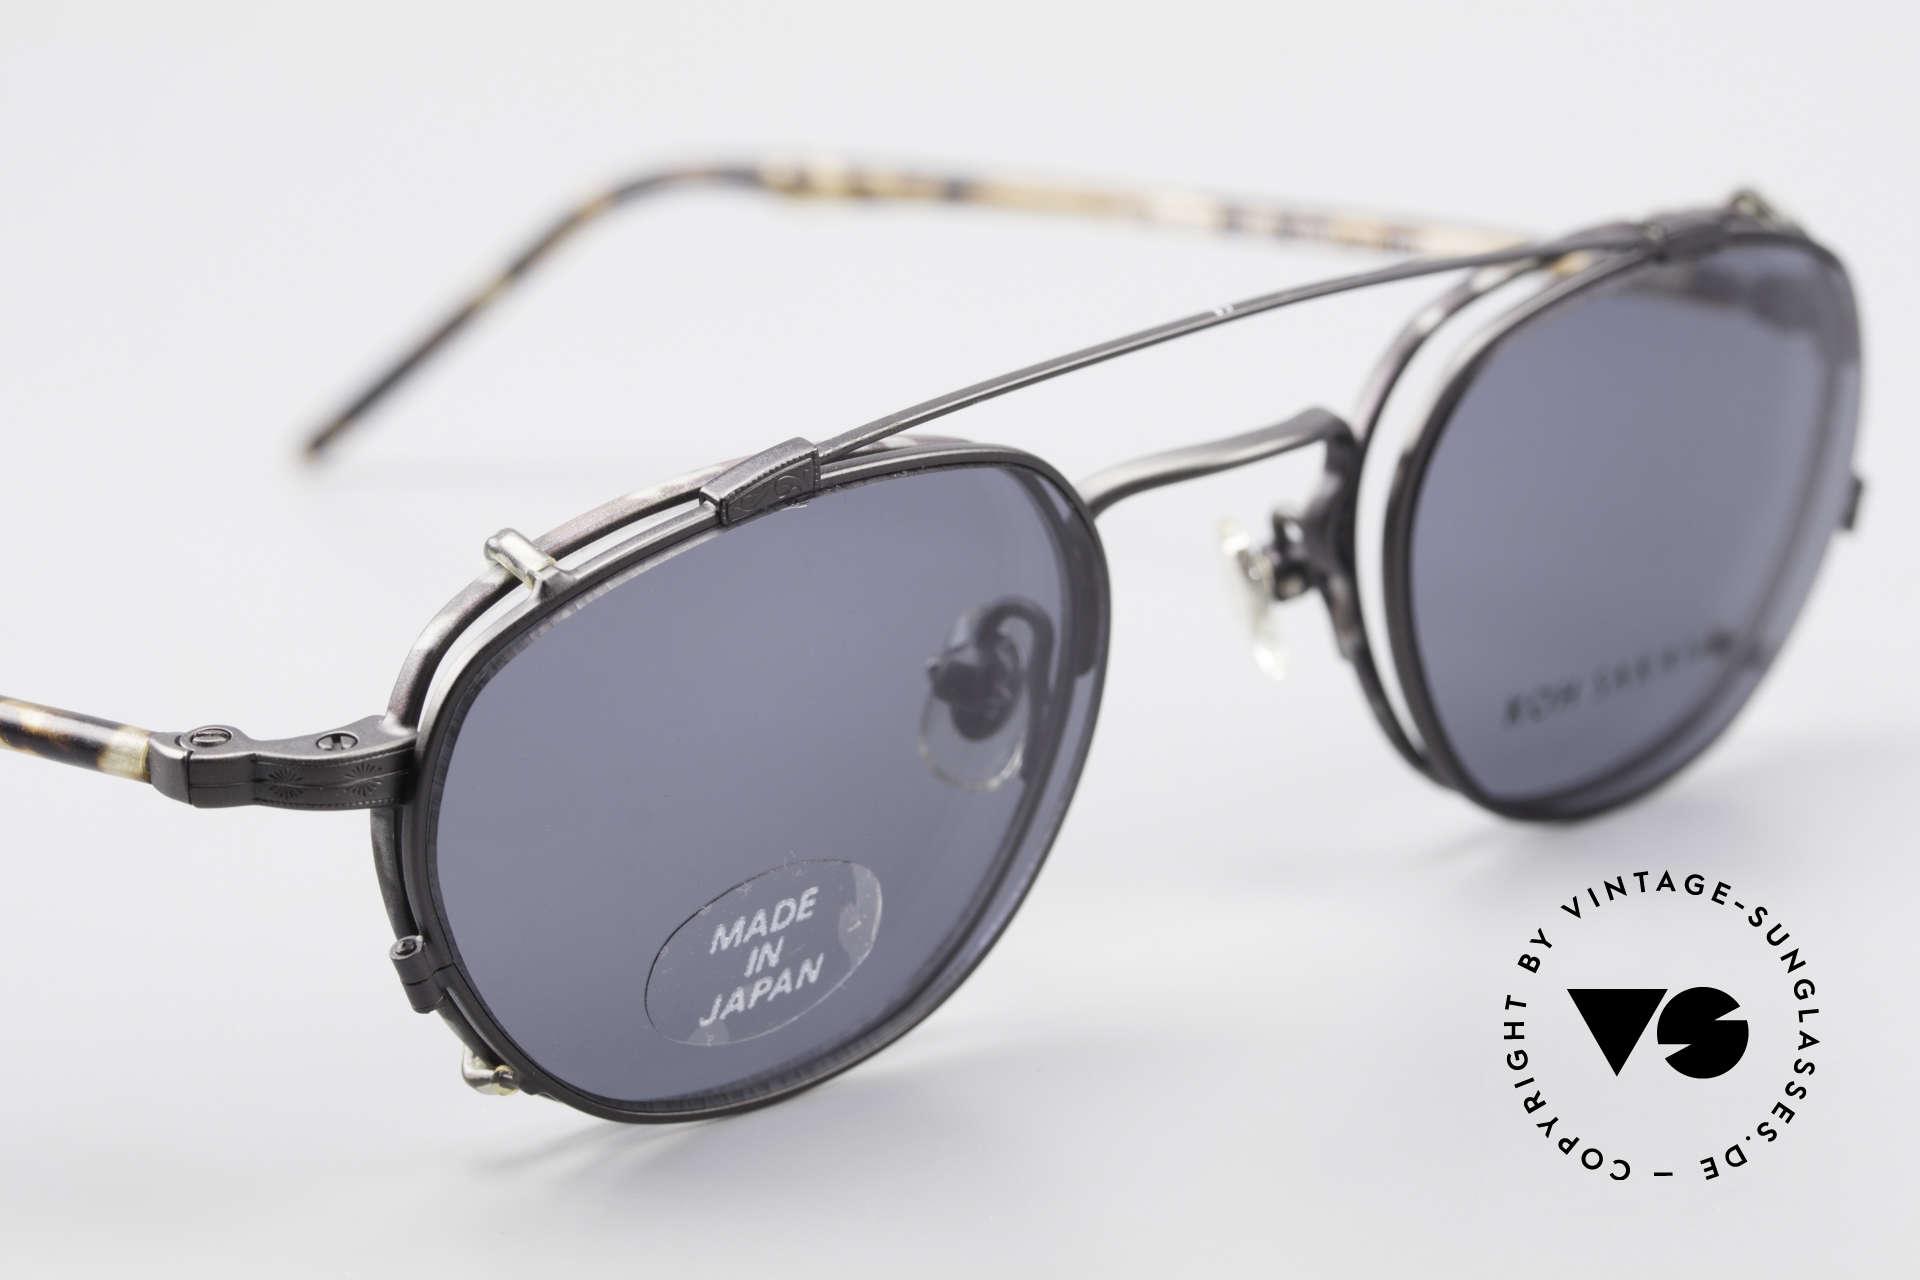 Koh Sakai KS9408 Kleine Brille mit Sonnenclip, entsprechend sind Qualität & Anmutung identisch top, Passend für Herren und Damen